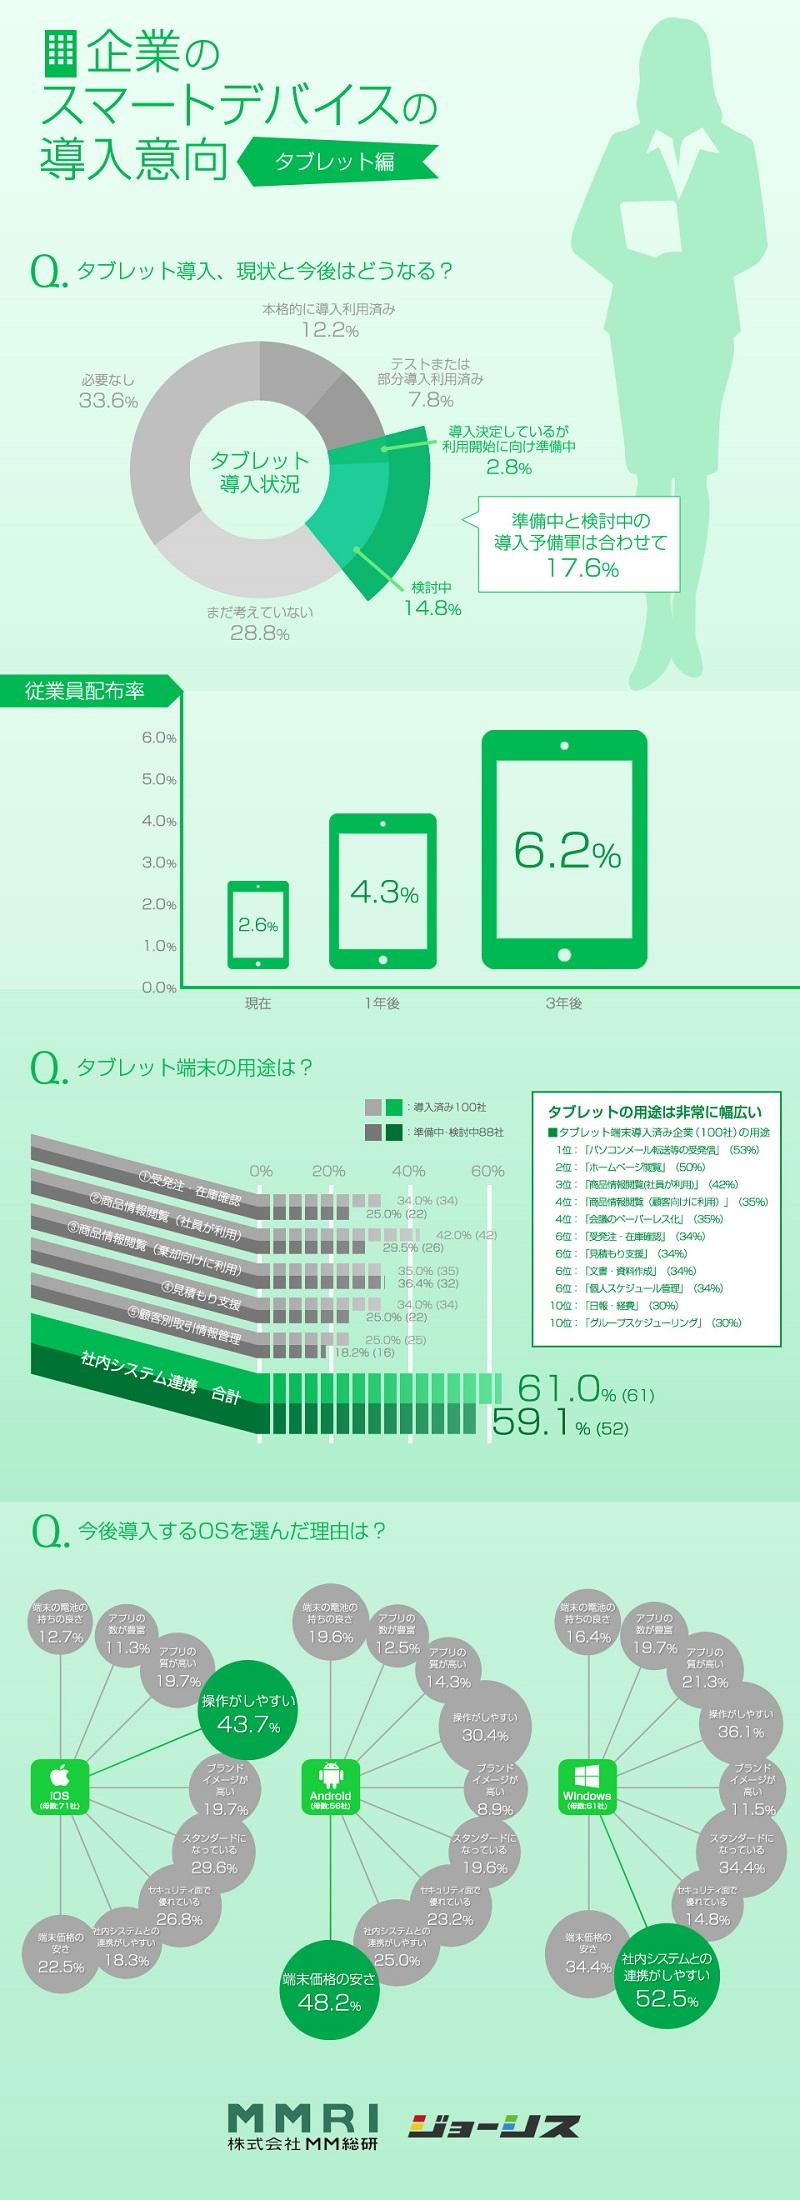 企業のスマートデバイス導入 現状と今後 タブレット編